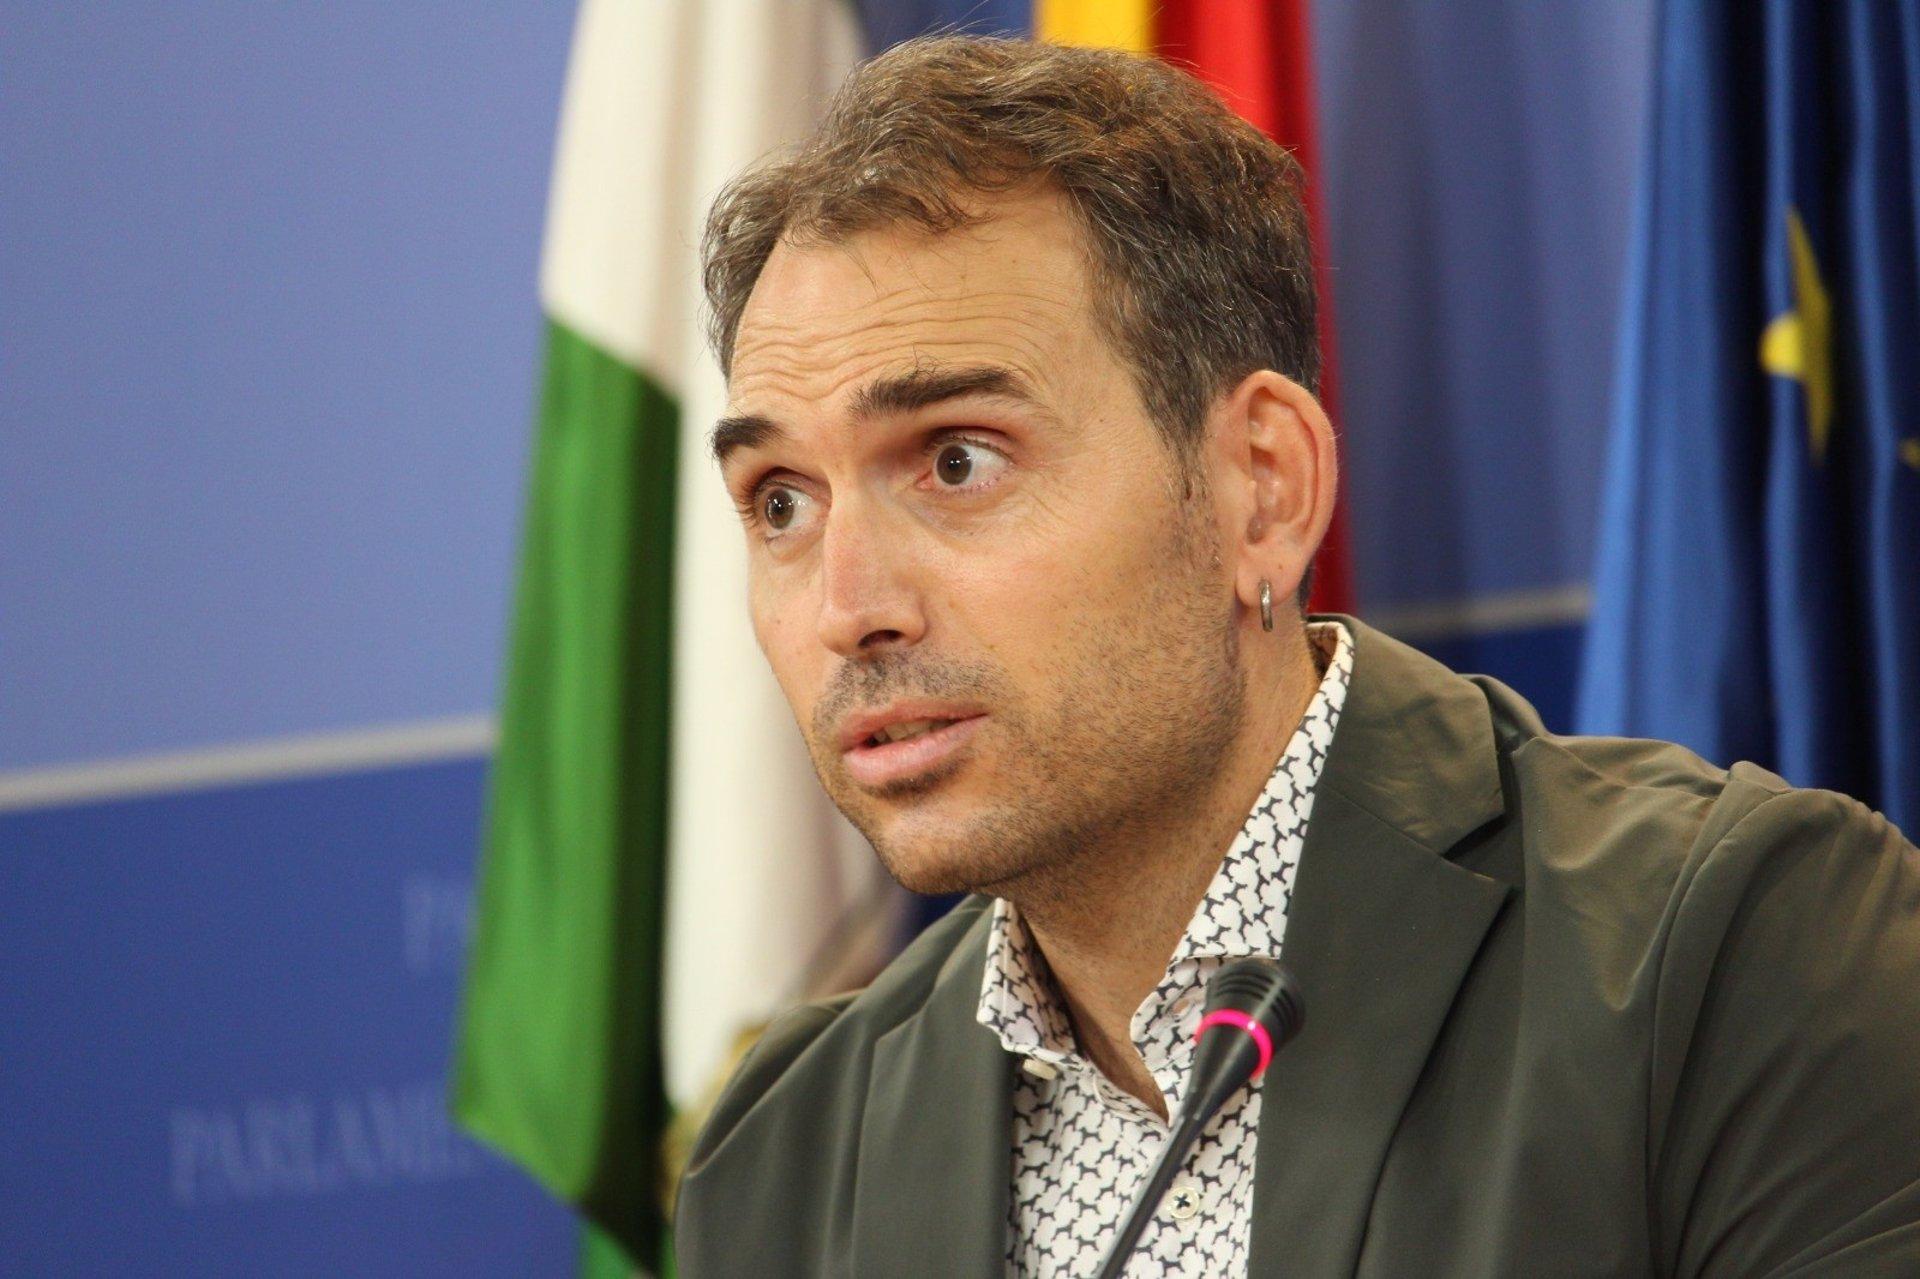 Valero emplaza a Moreno a «convencer» a Casado para que el PP no sea el «principal obstáculo» a reformar la financiación